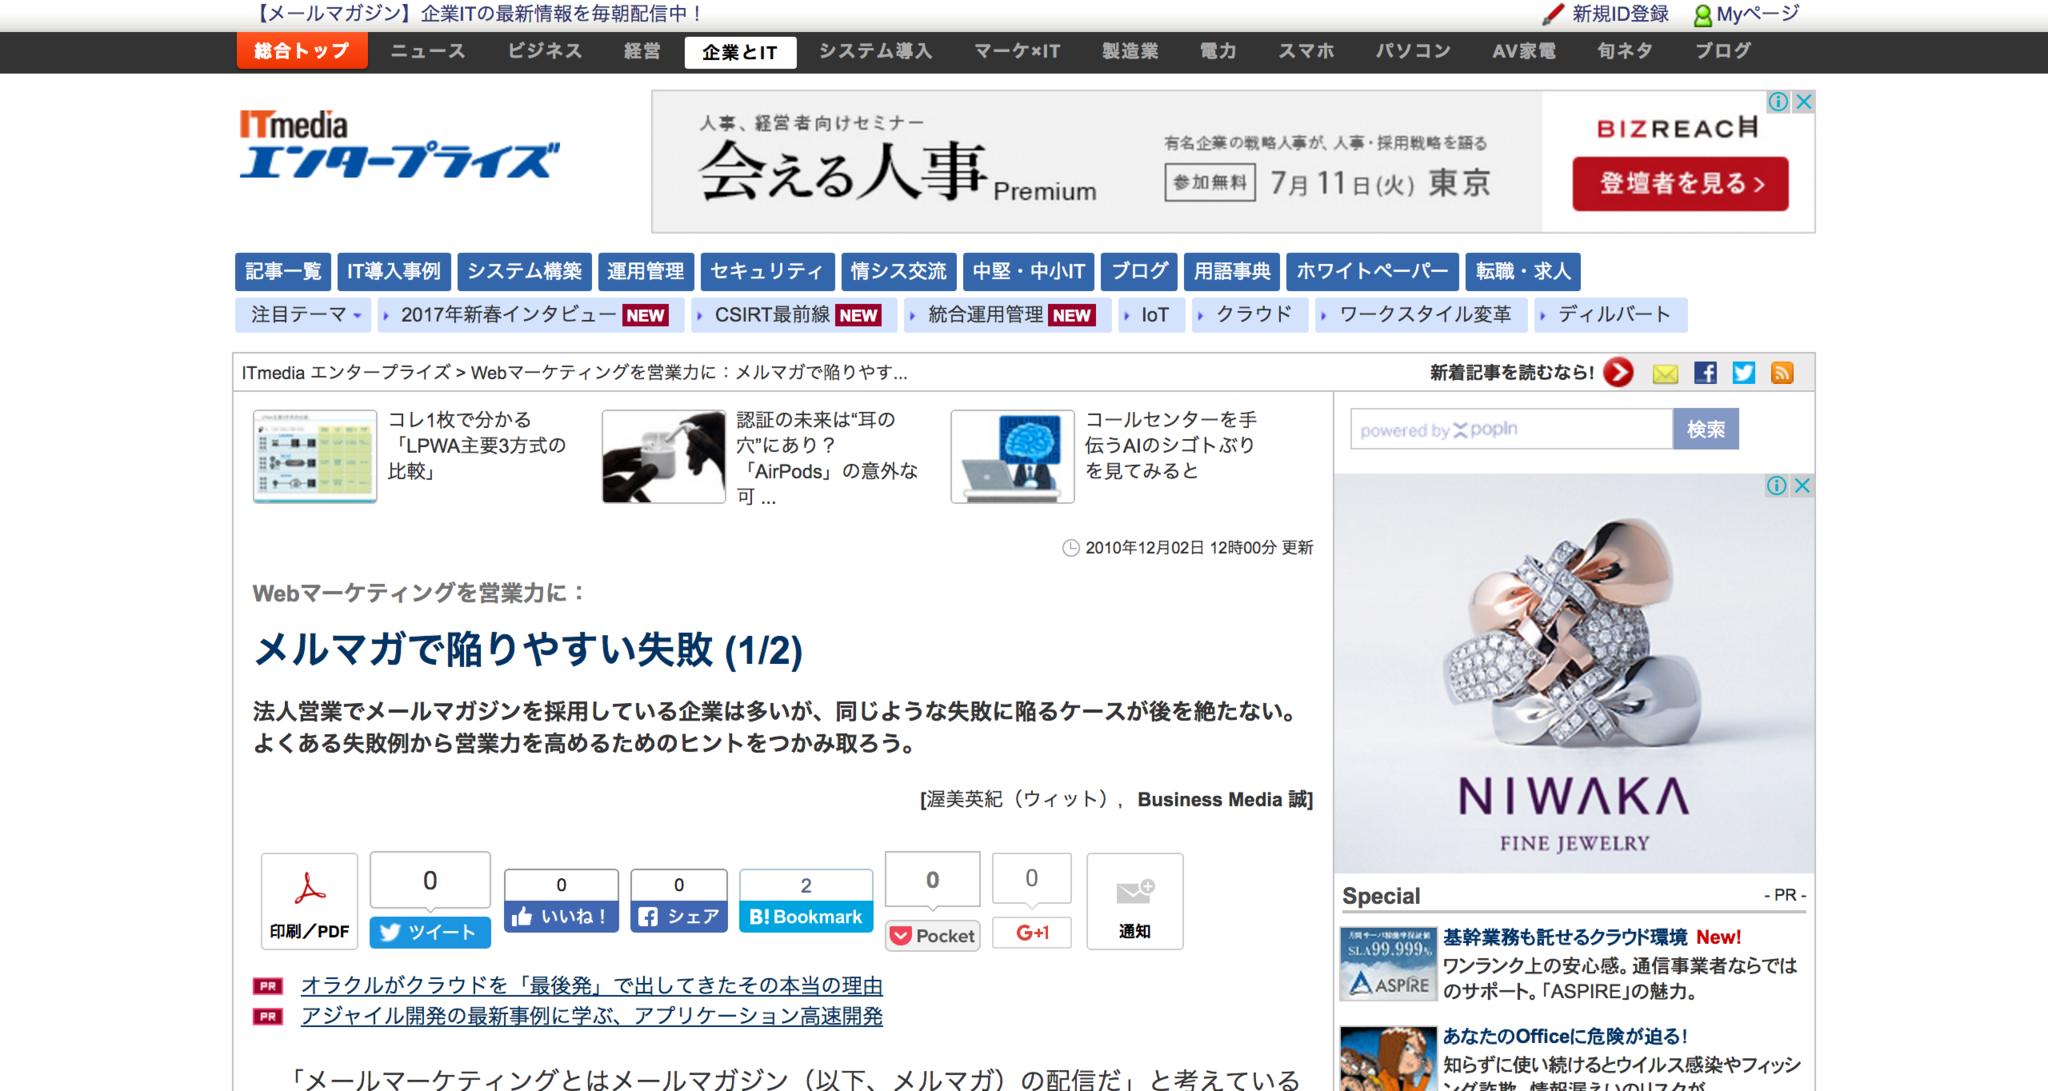 Webマーケティングを営業力に:メルマガで陥りやすい失敗__1_2____ITmedia_エンタープライズ.png